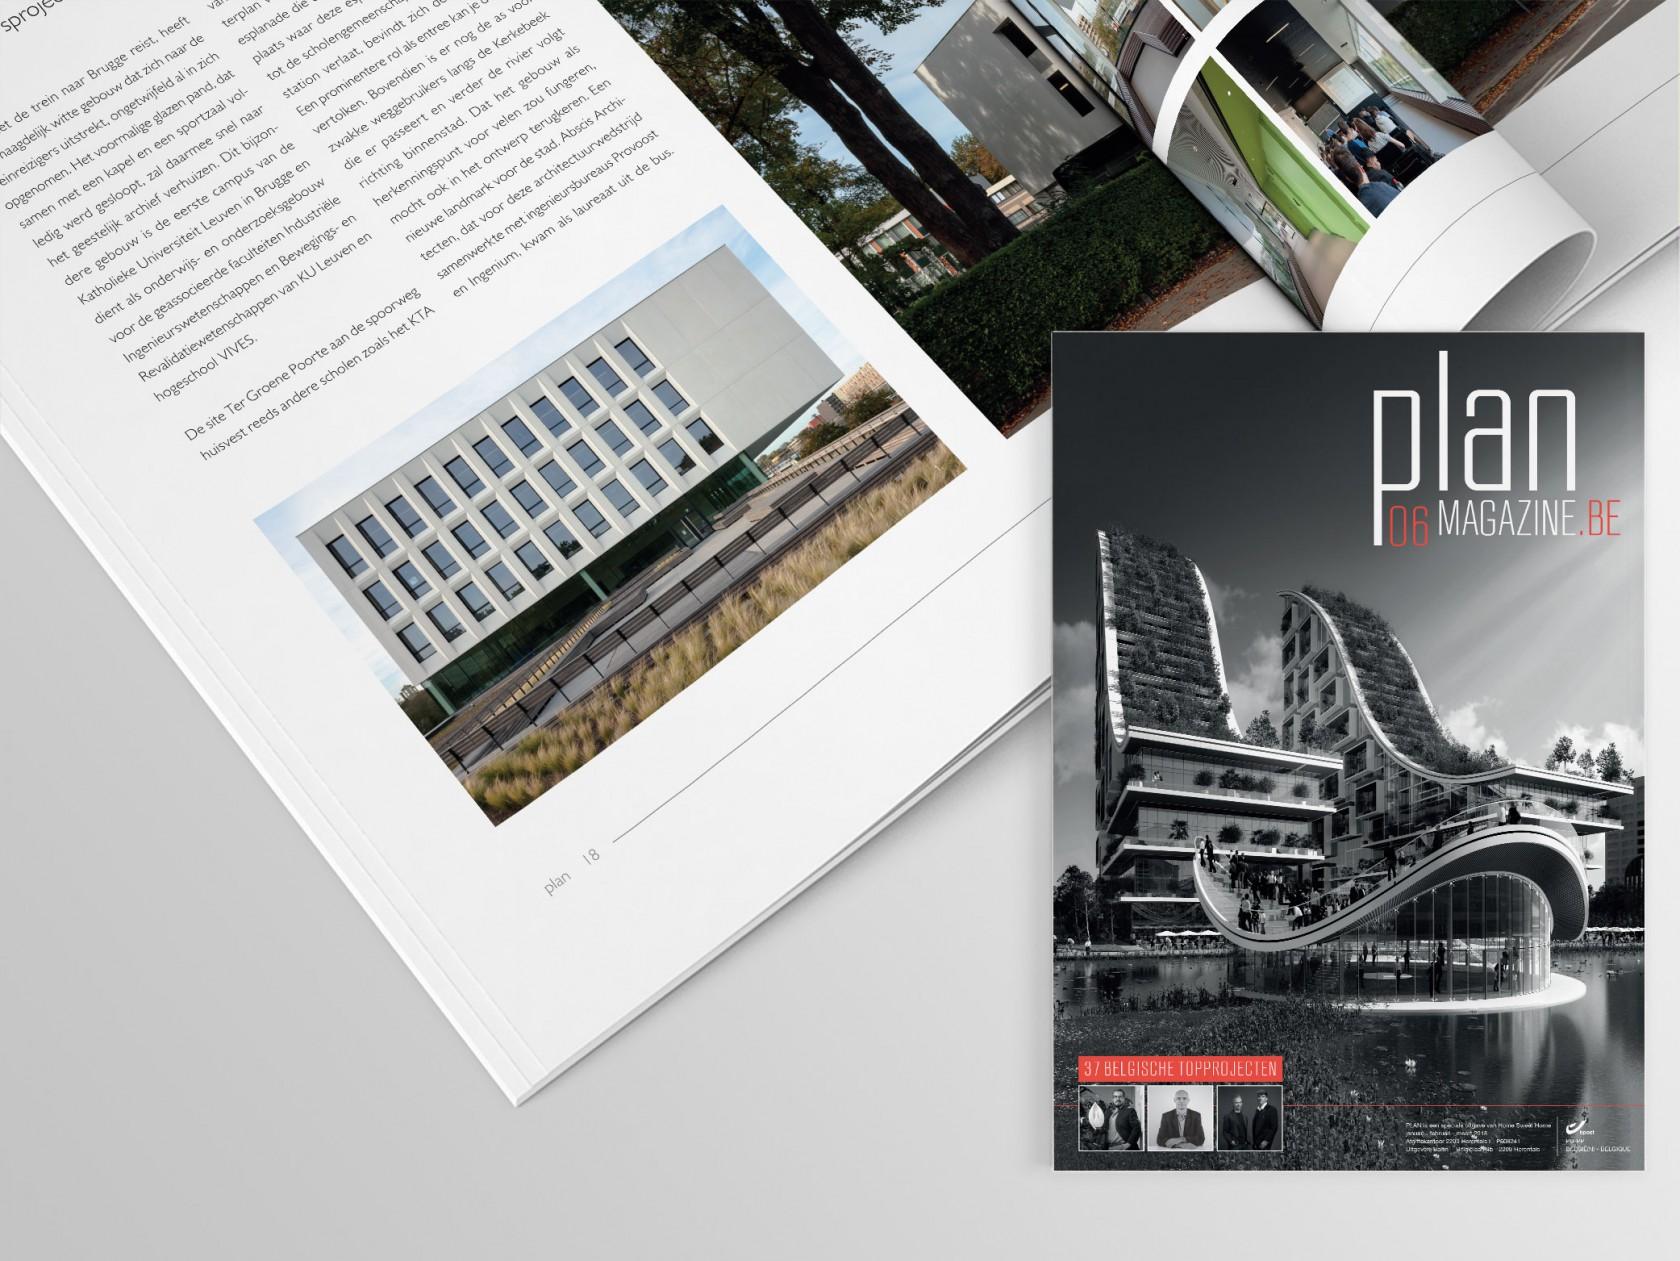 Abscis Architecten - PLAN 06 - Een pioniersproject om meerdere redenen